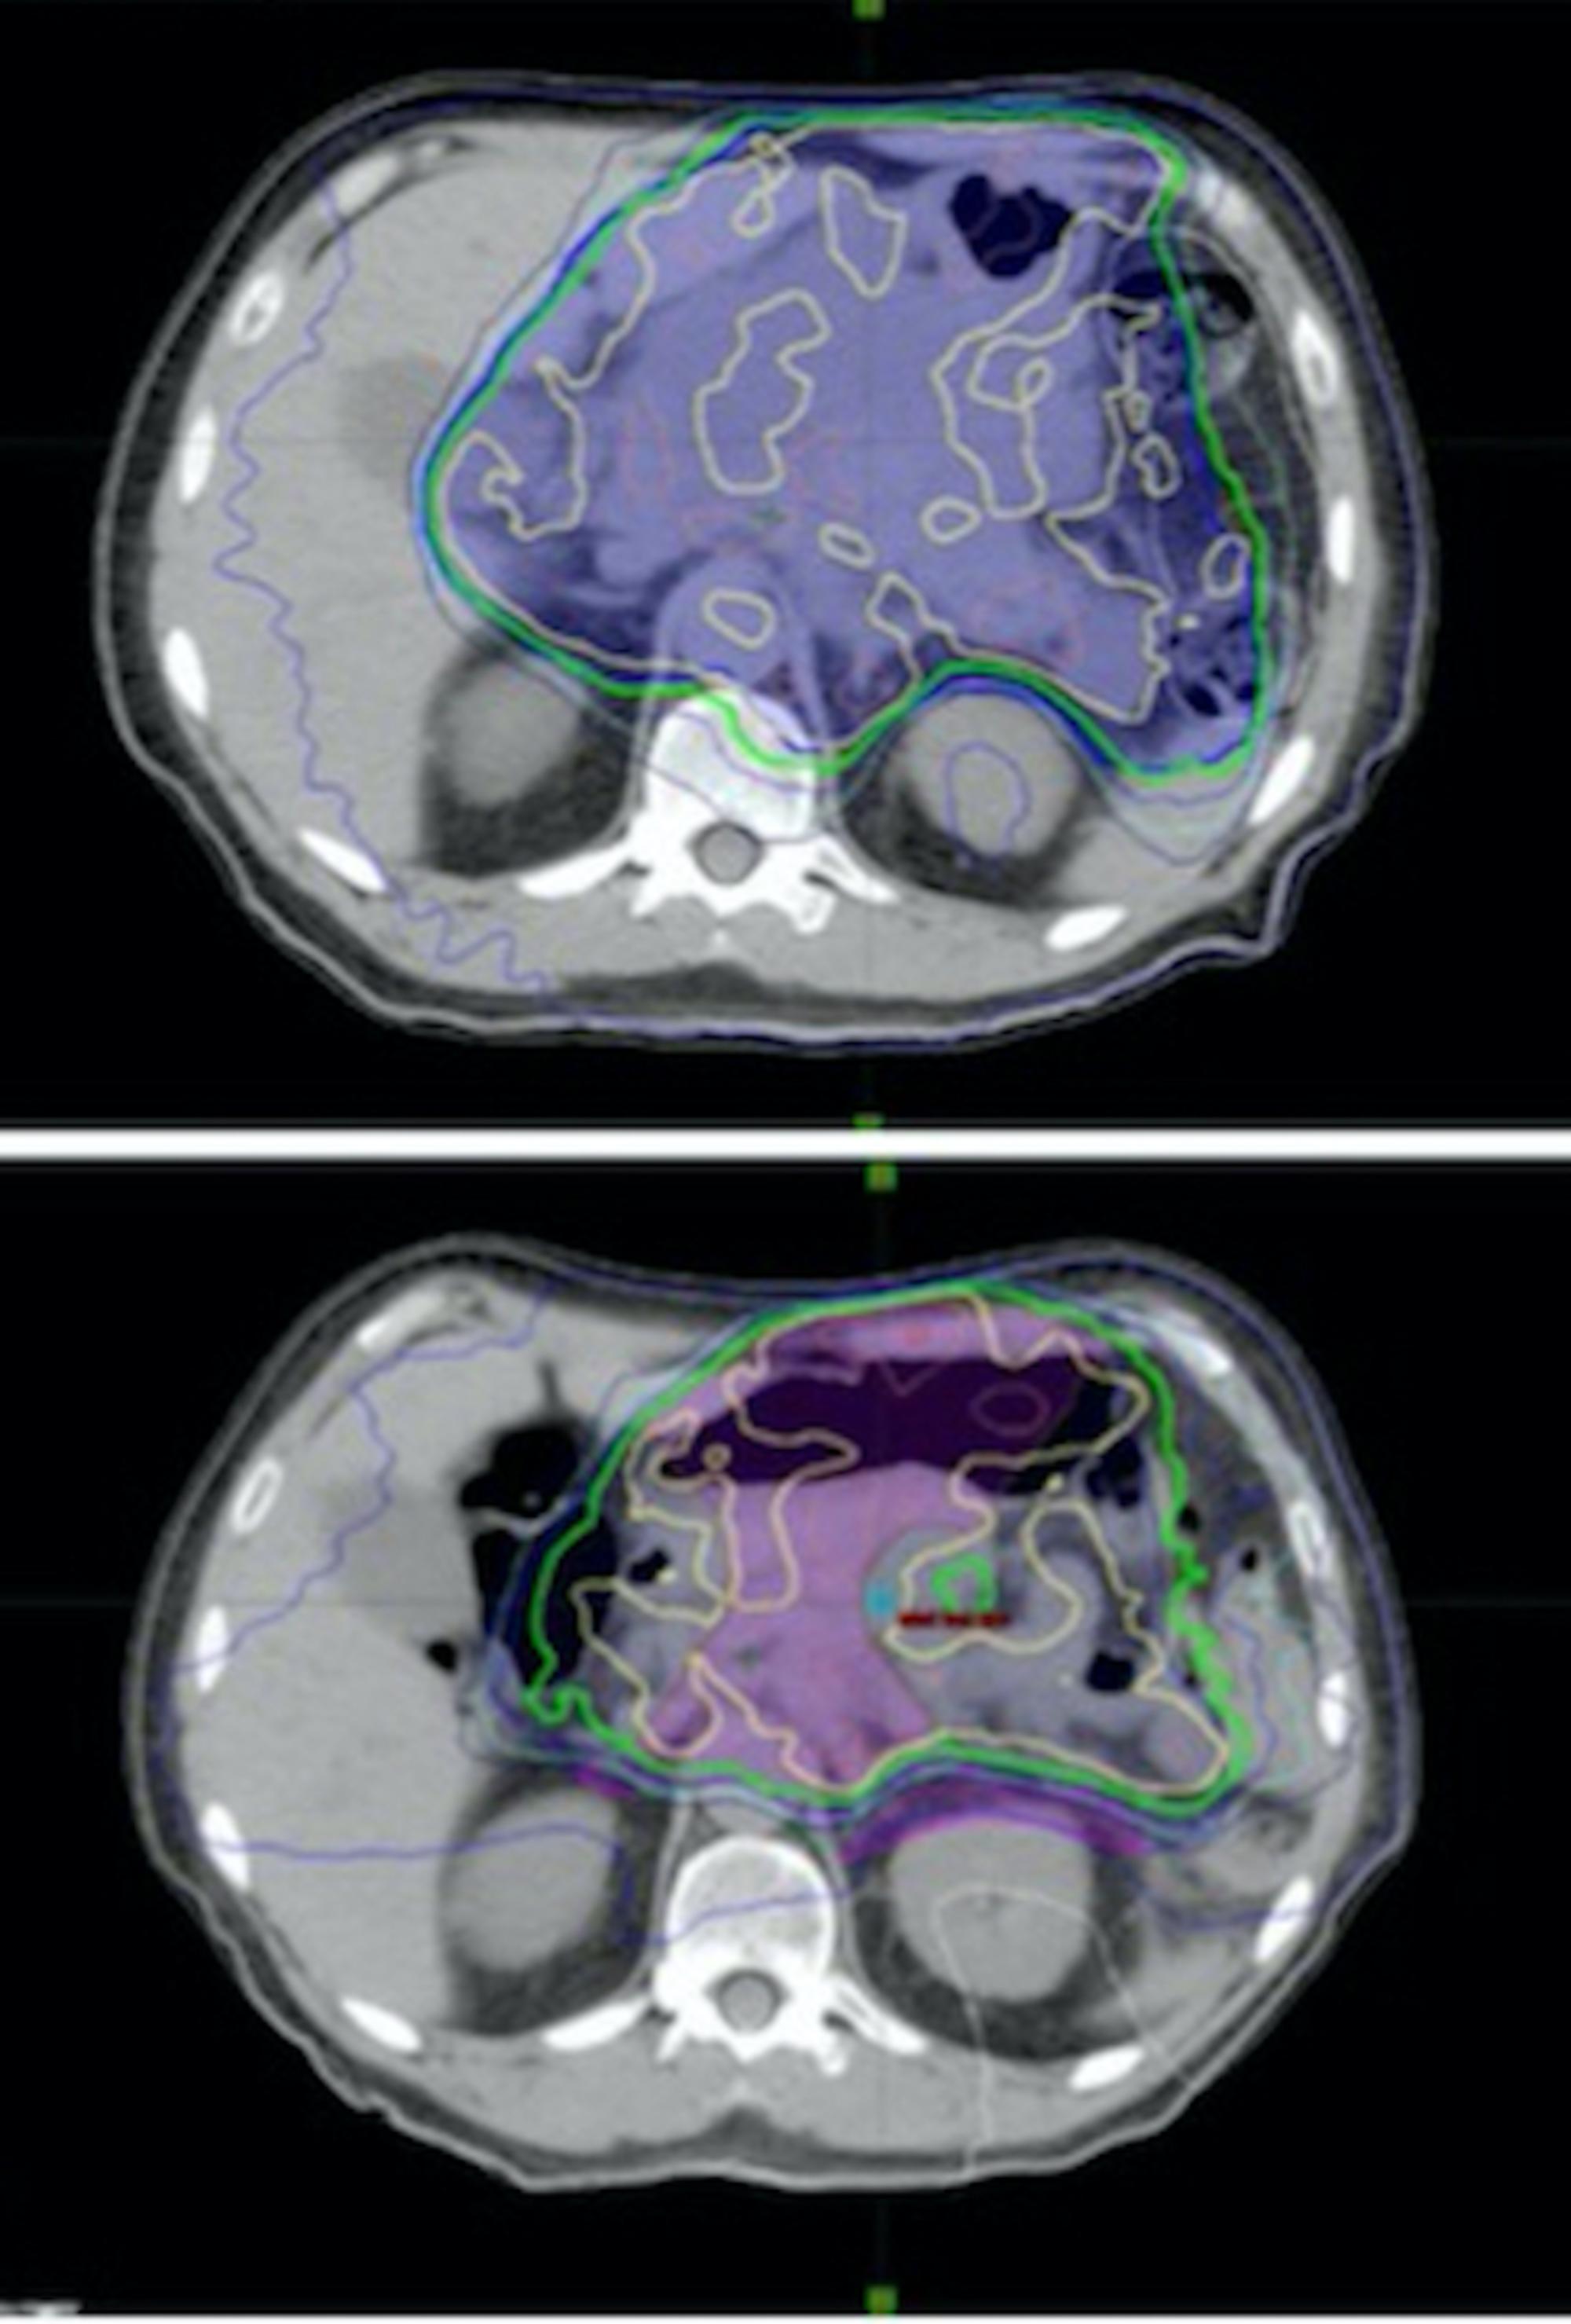 neuroendocrine cancer spread to liver